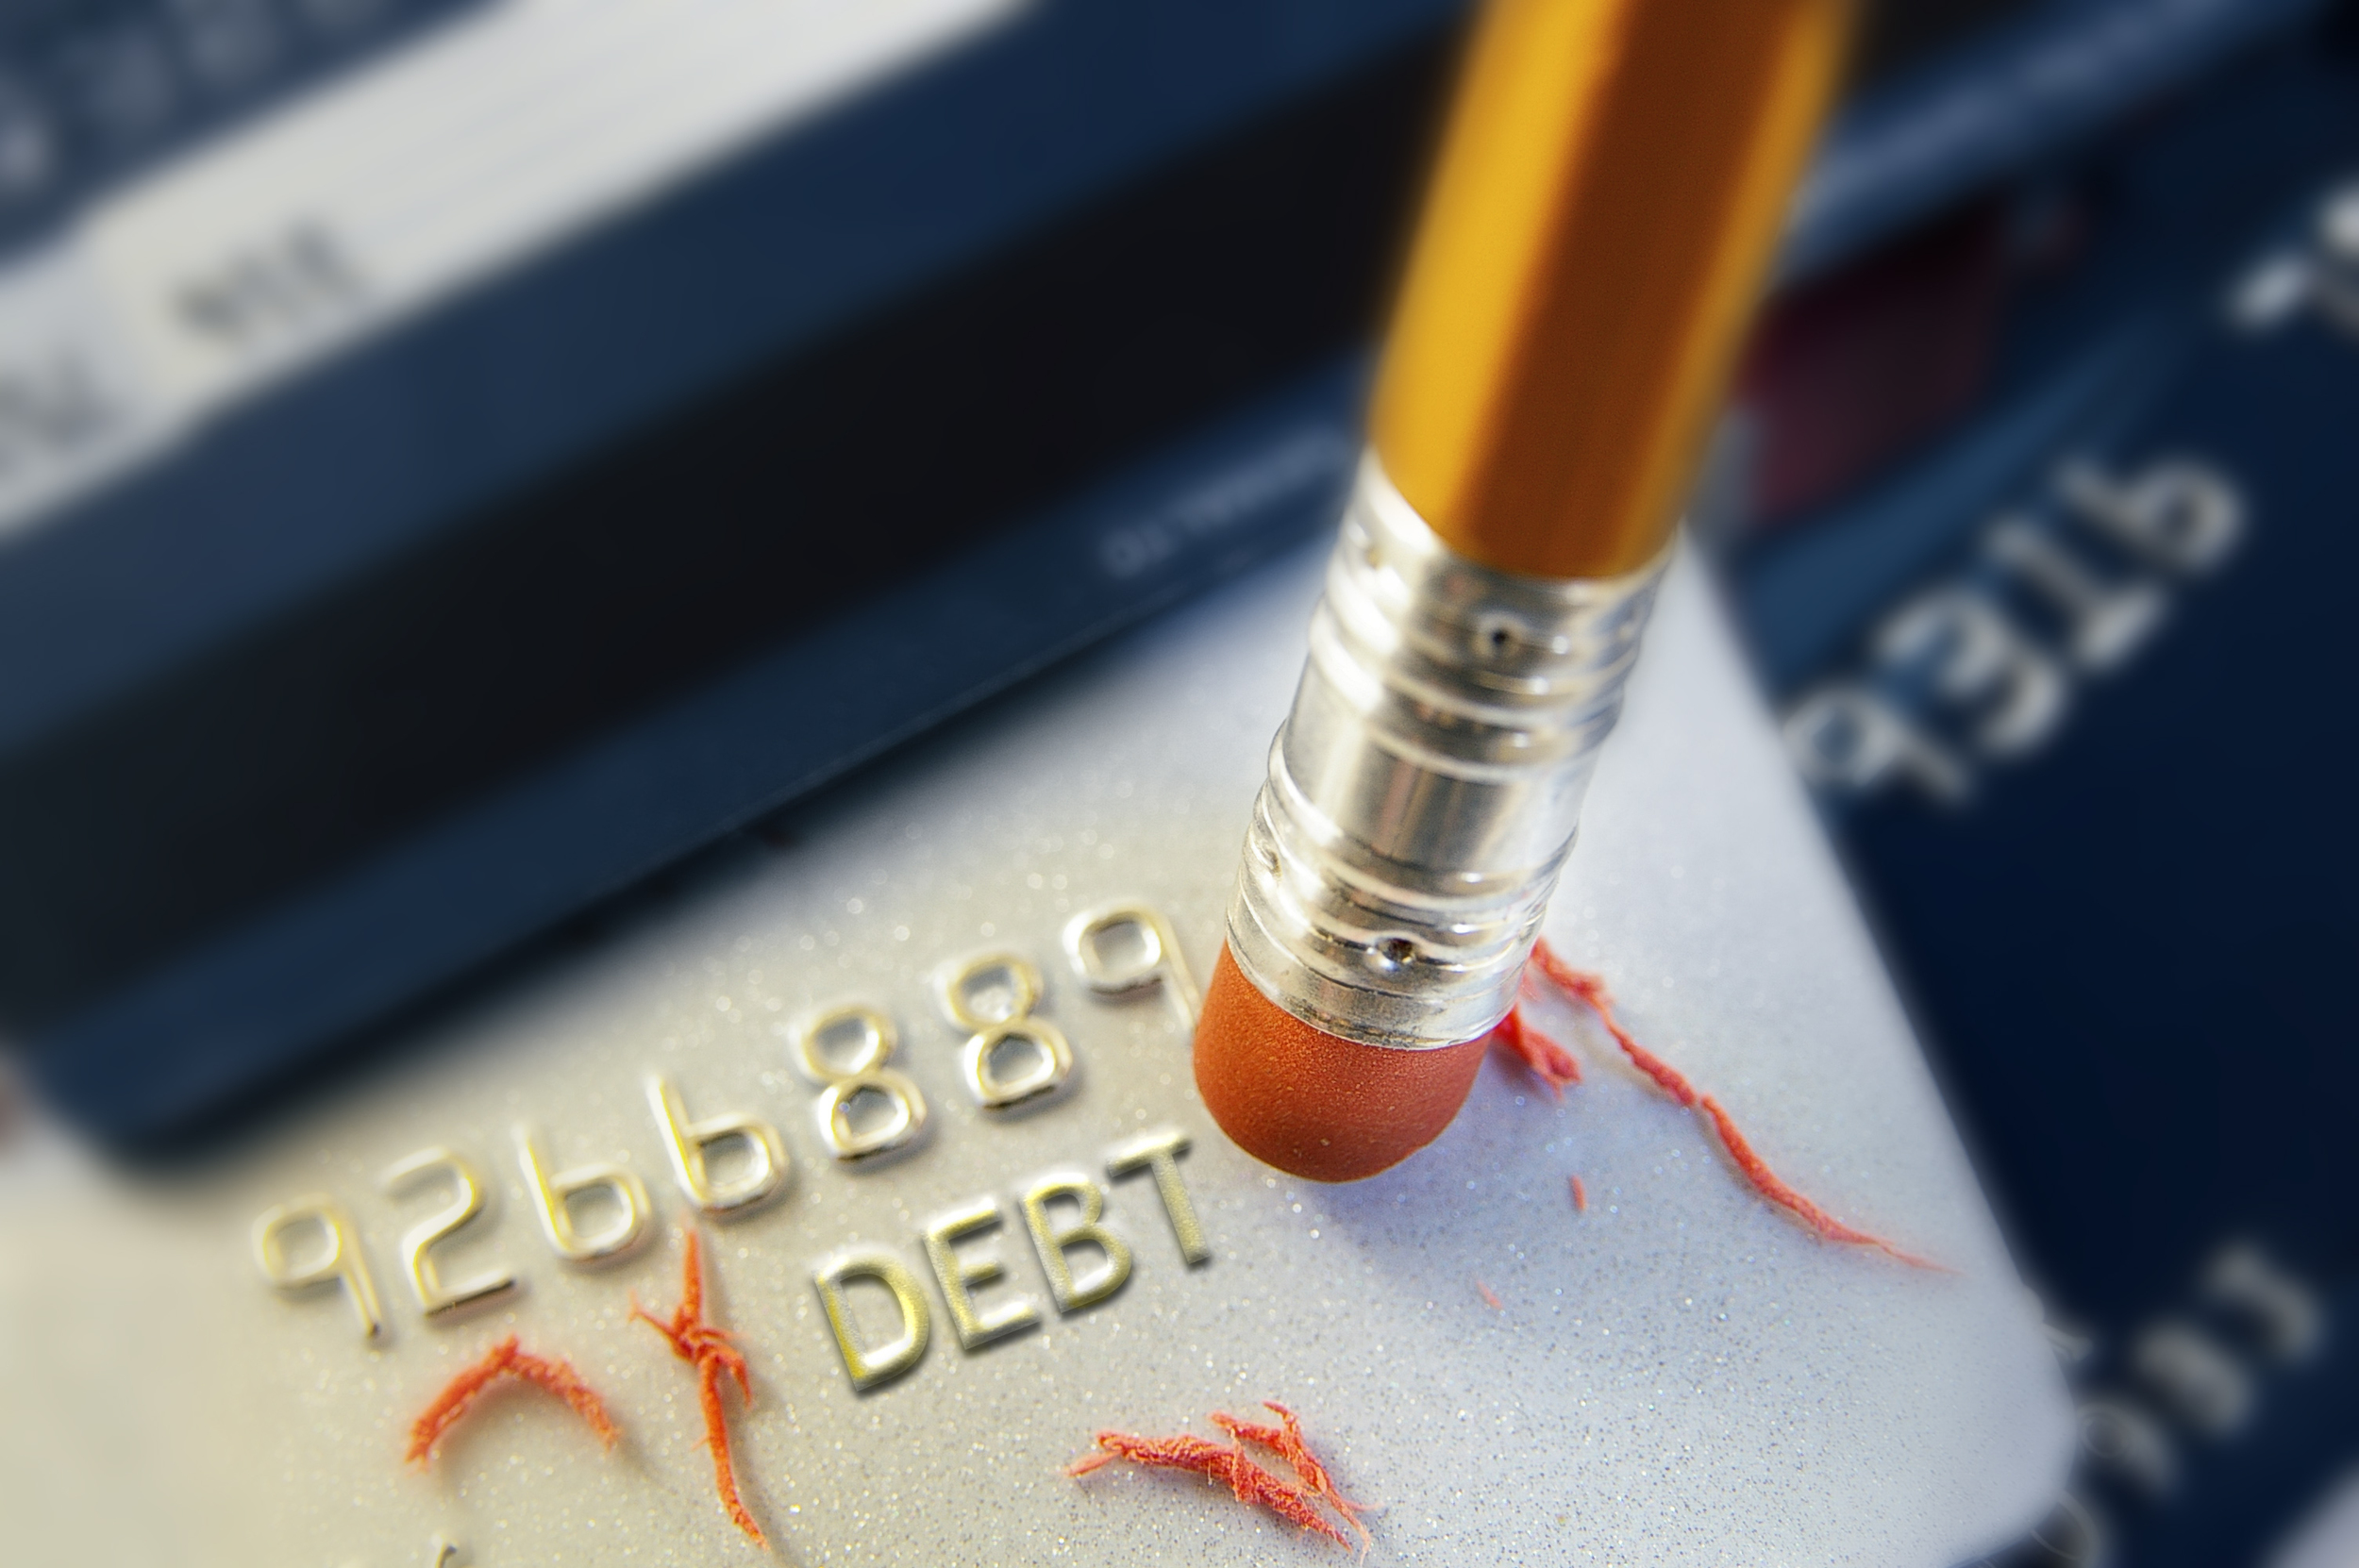 Erase-Debt-38931988.jpg